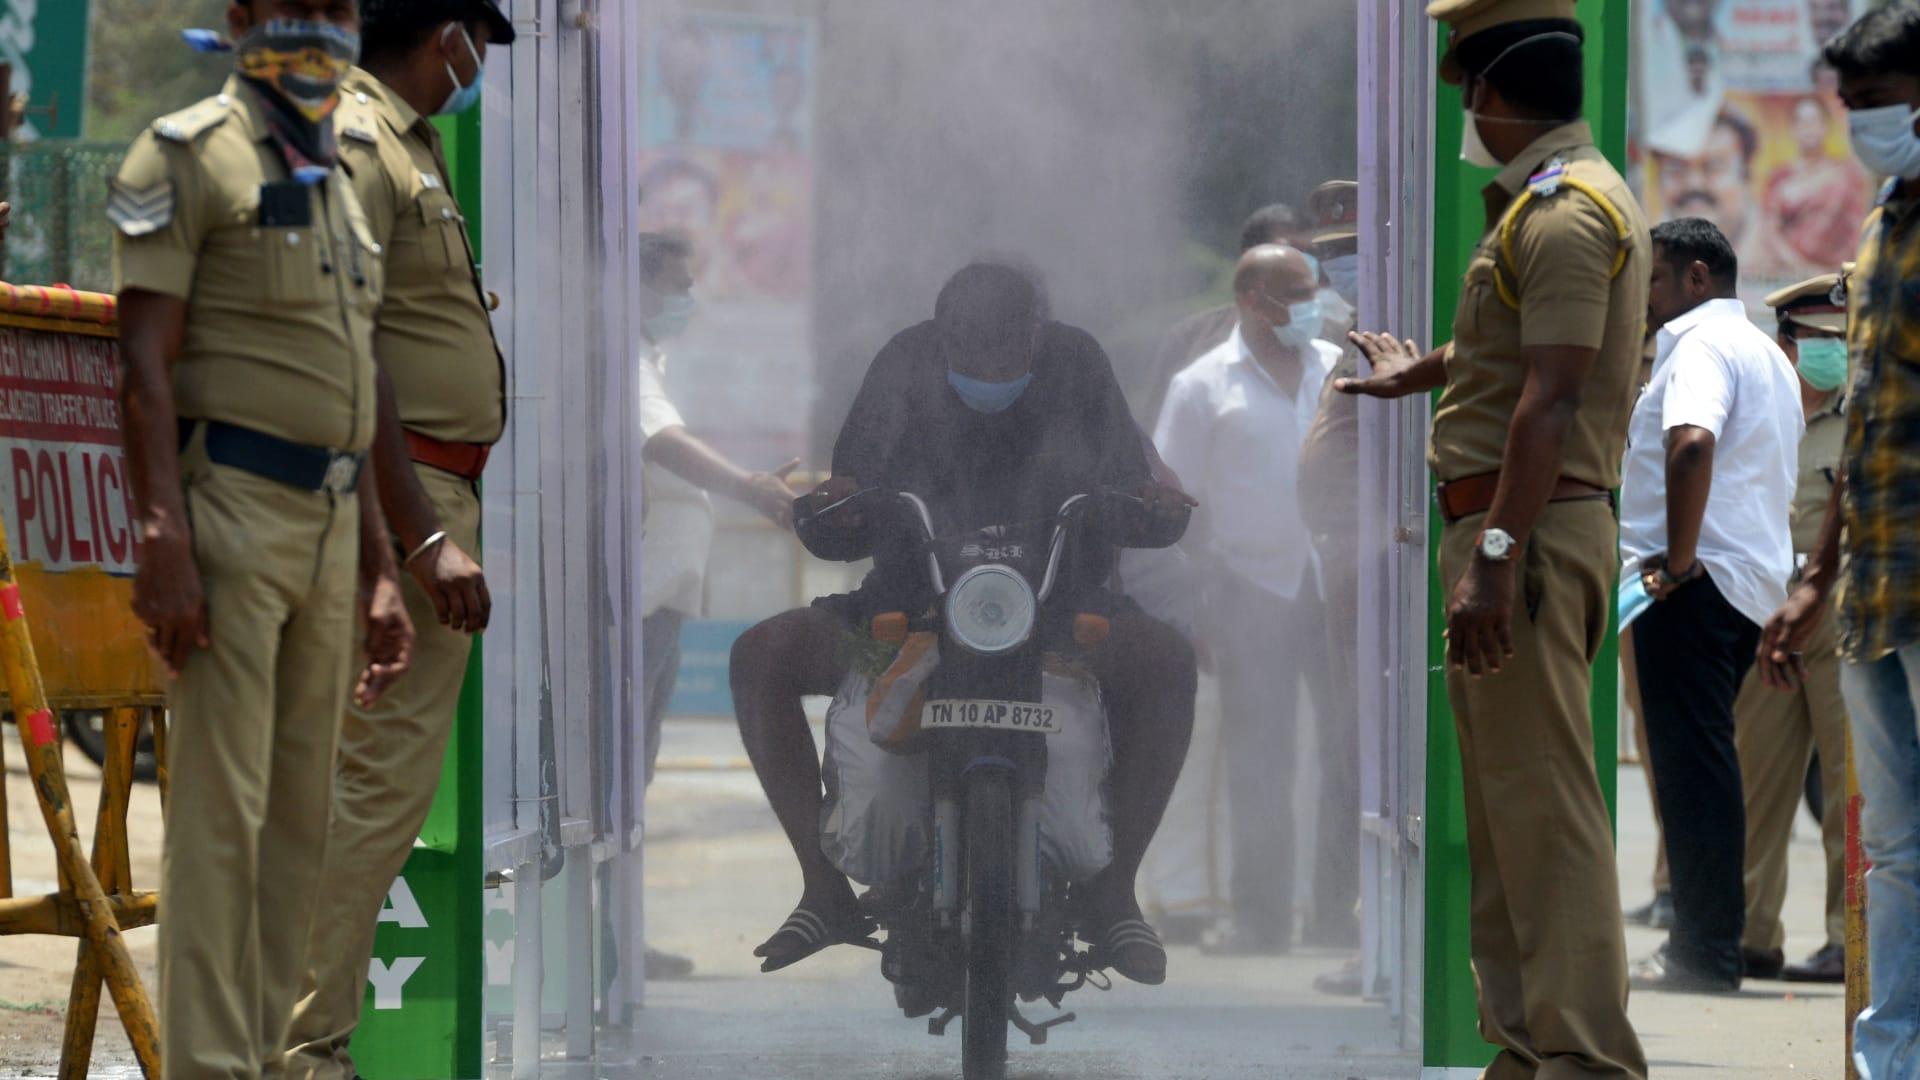 صورة أرشيفية من نقطة تعقيم ضد فيروس كورونا في الهند